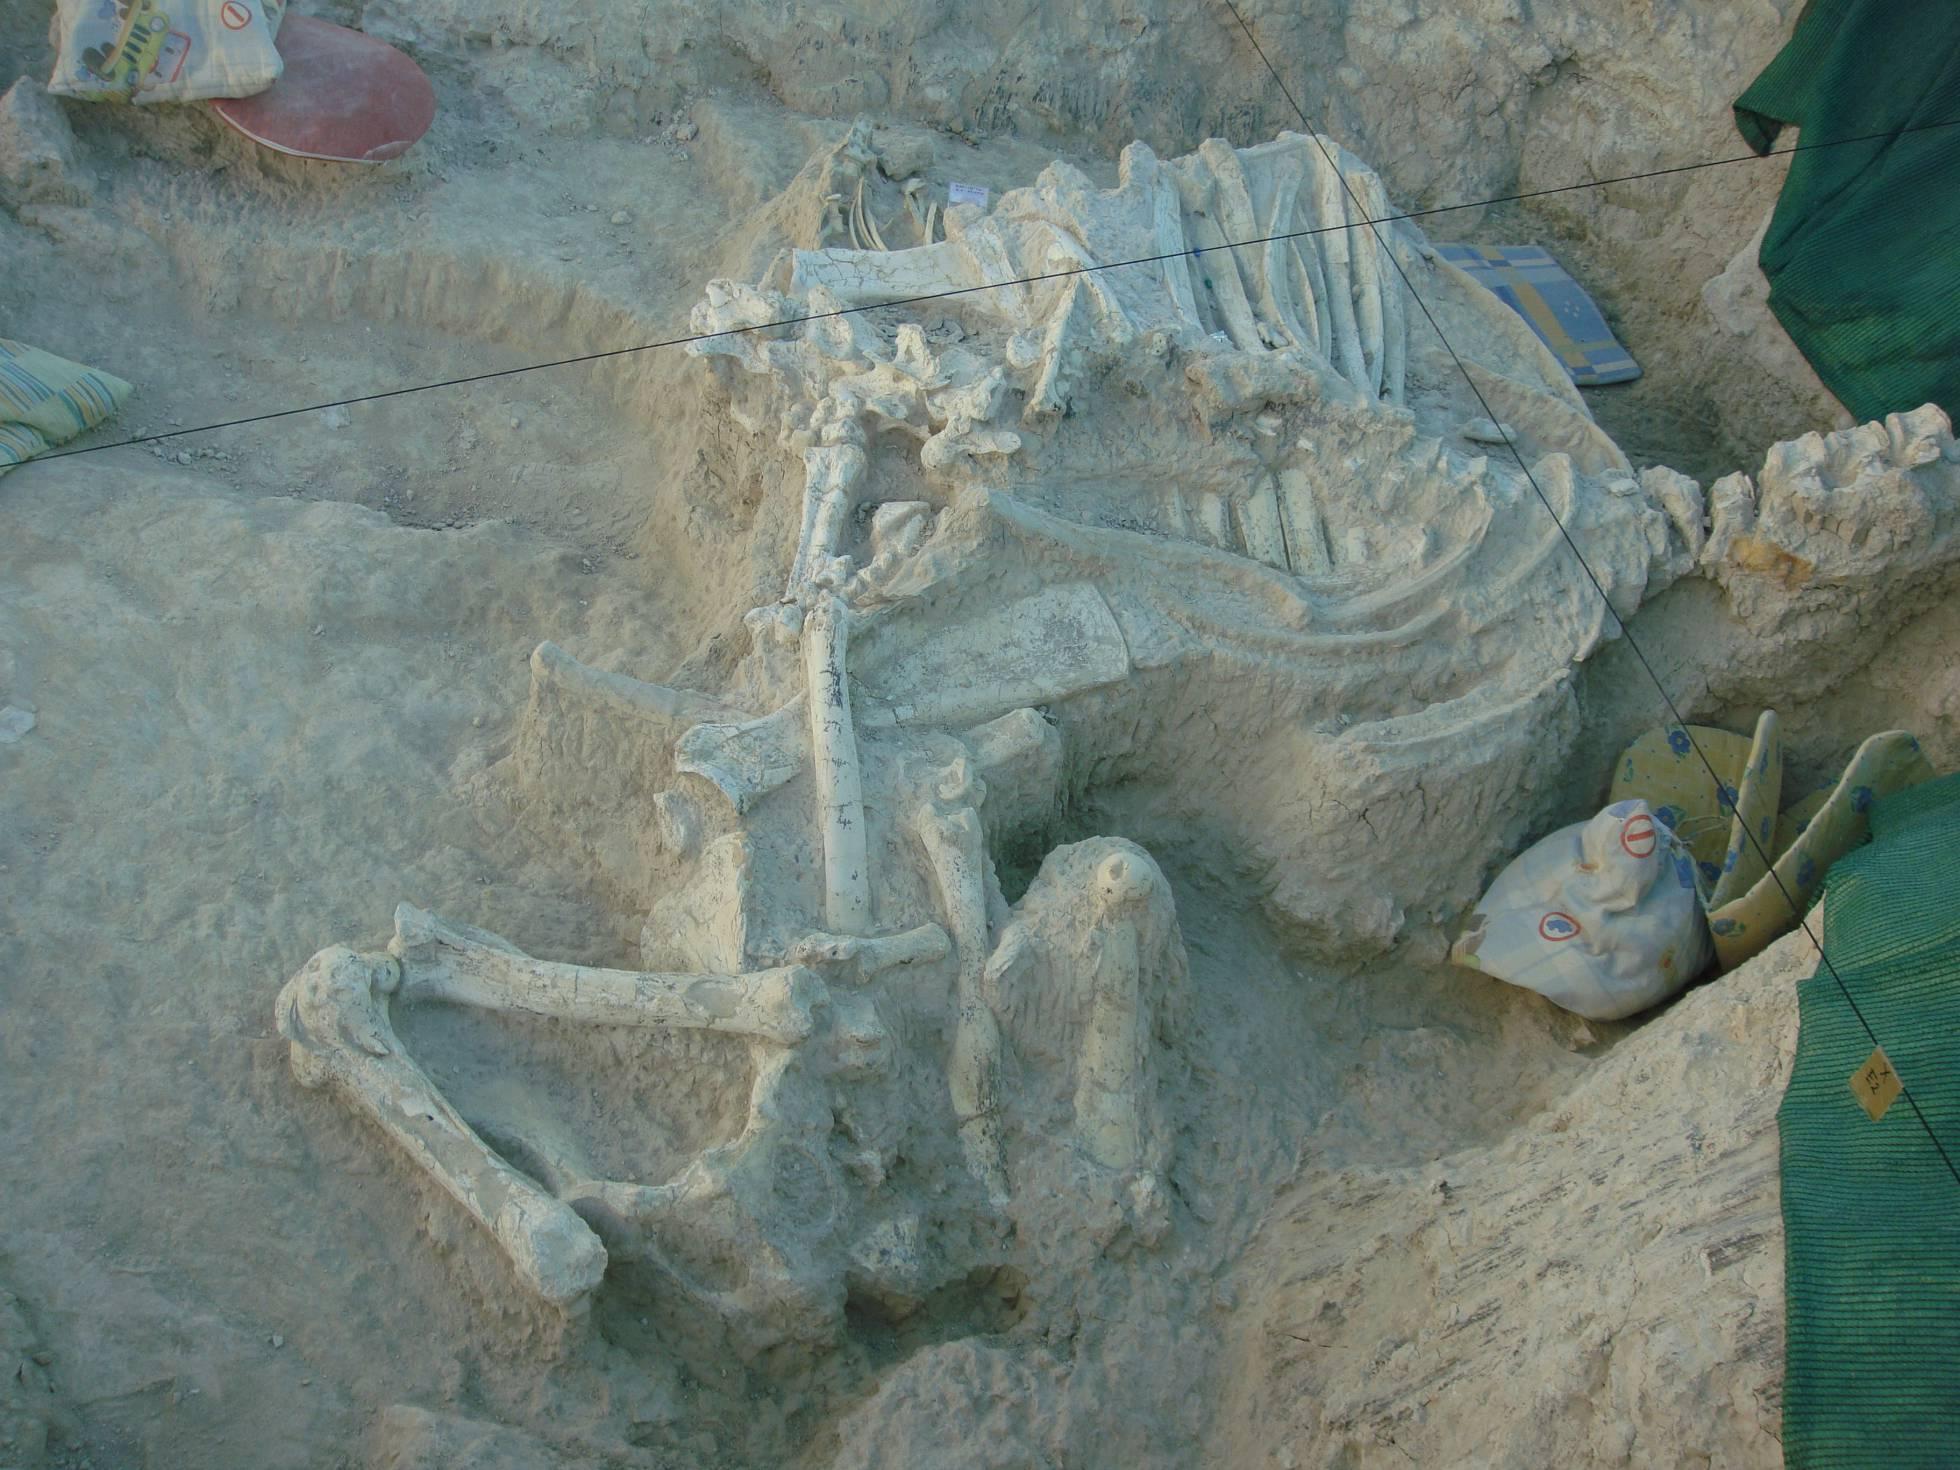 Fosiles del 'Decennatherium rex'